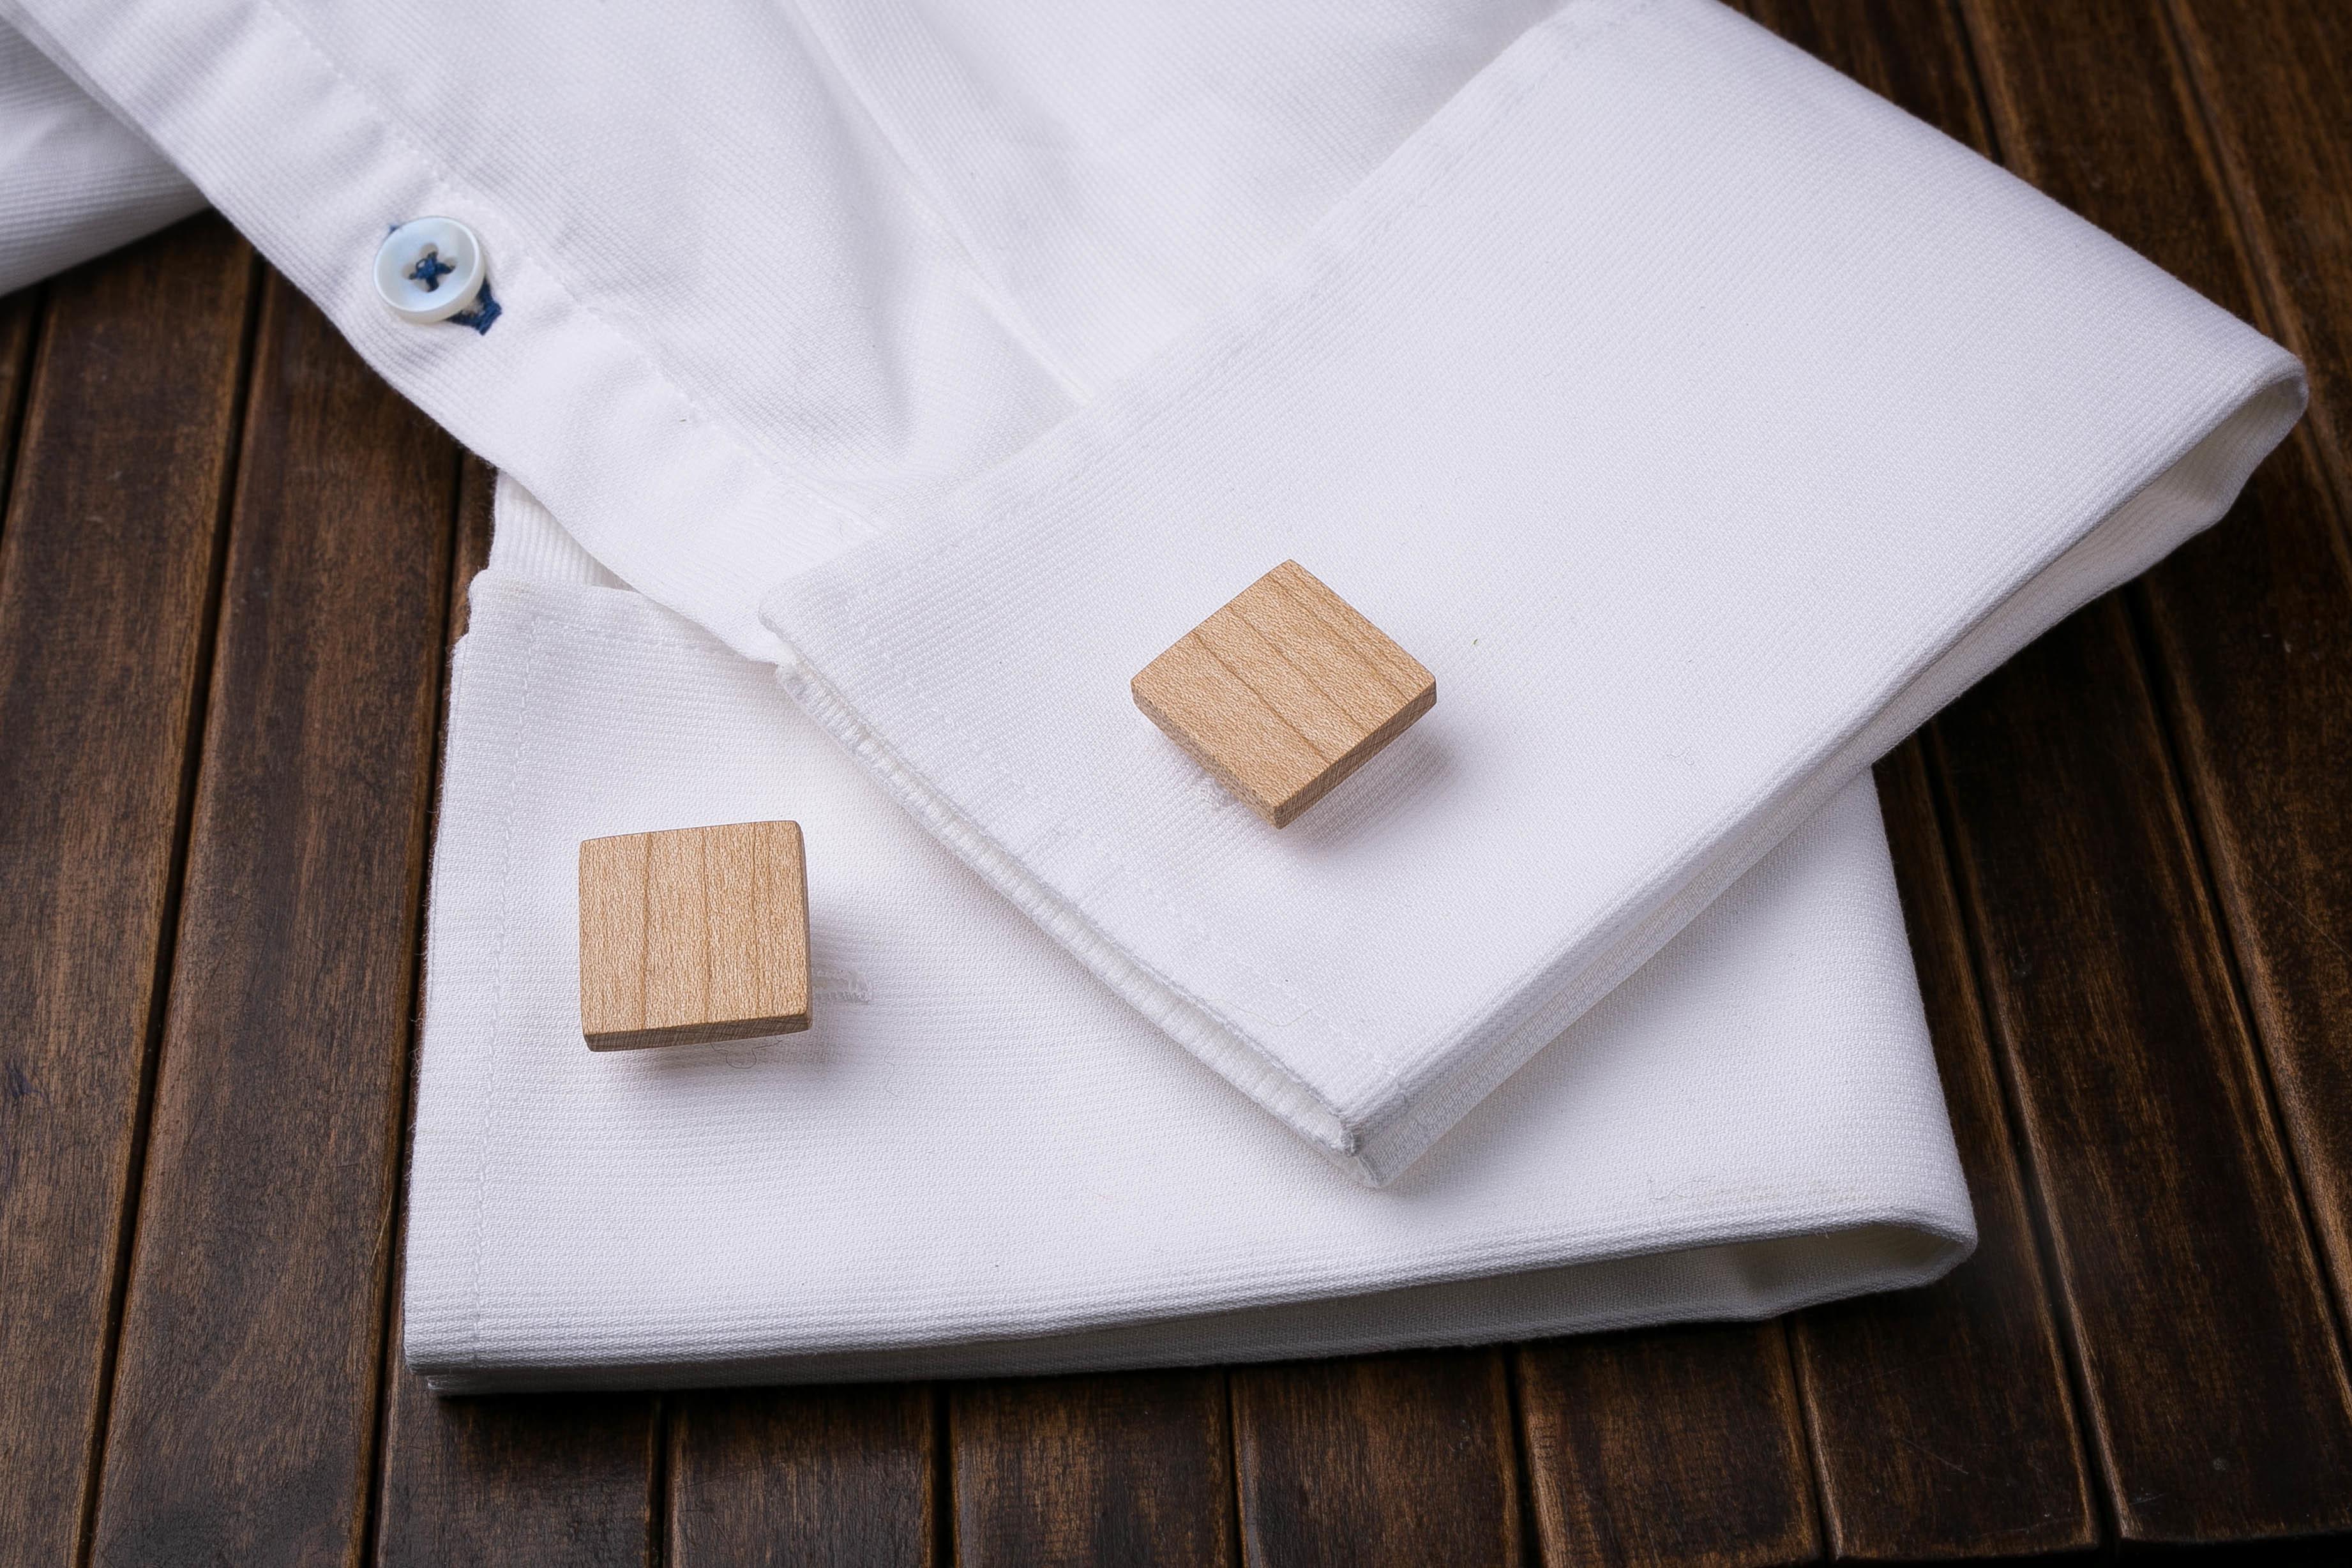 Комплект: Квадратные запонки из дерева и Деревянный зажим для галстука. Массив клена. Гравировка инициалов. Упаковка в комплекте